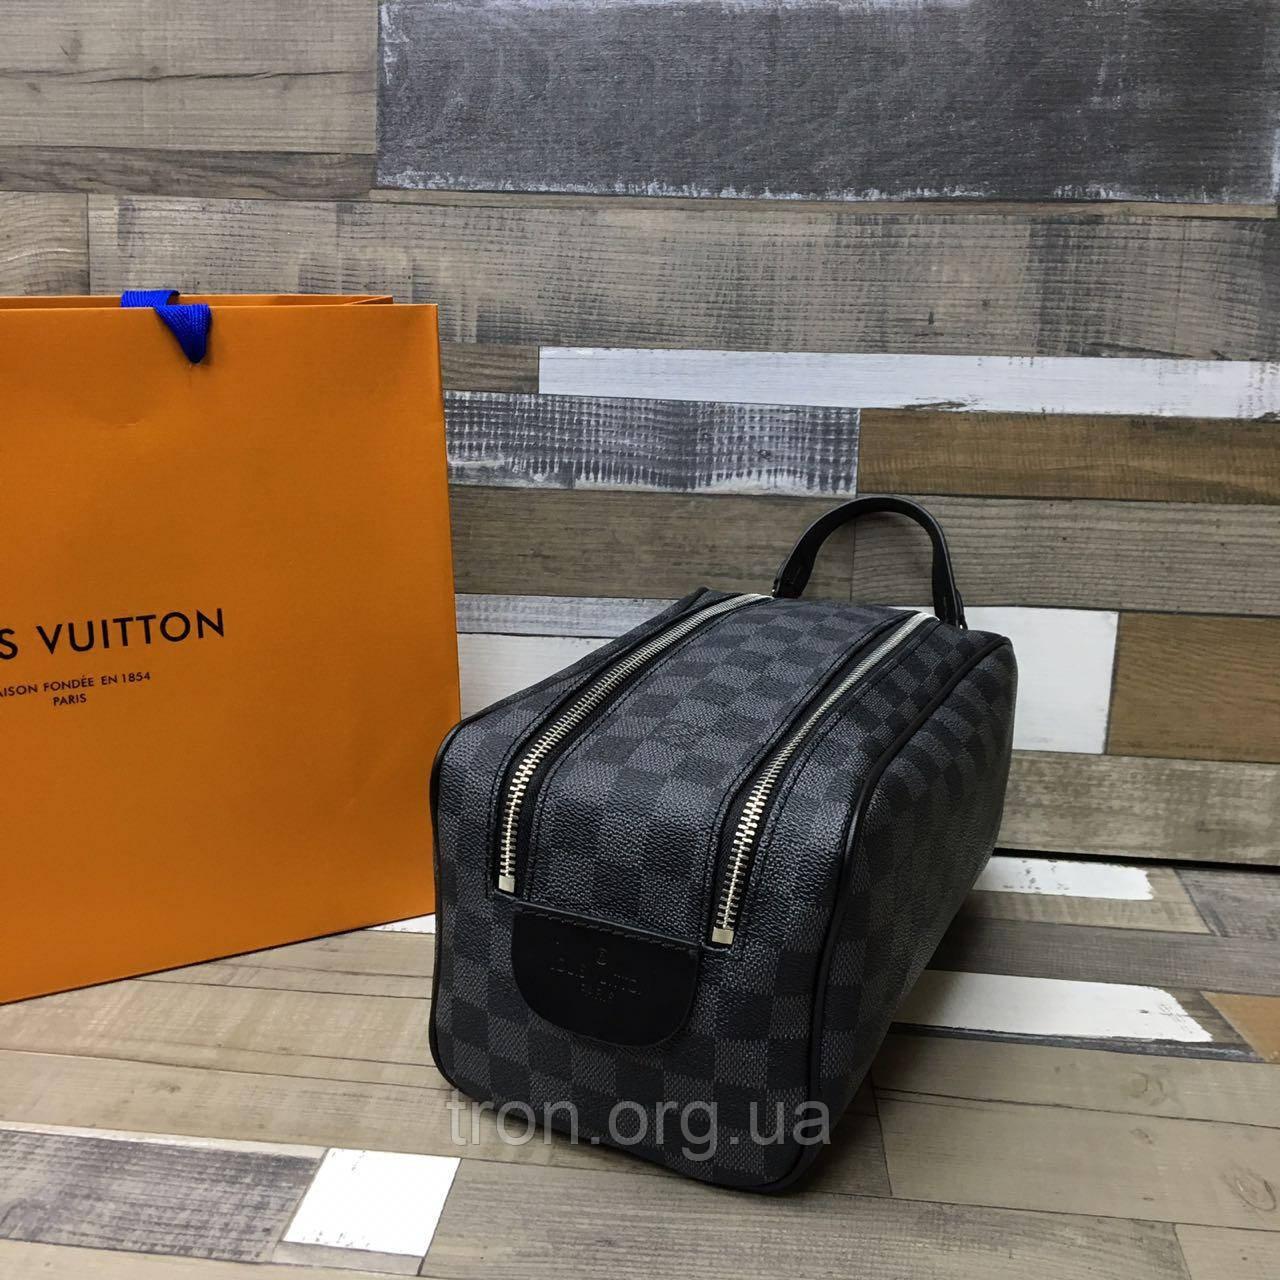 7eff62f54404 Женская Косметичка Louis Vuitton: продажа, цена в Харькове. женские ...